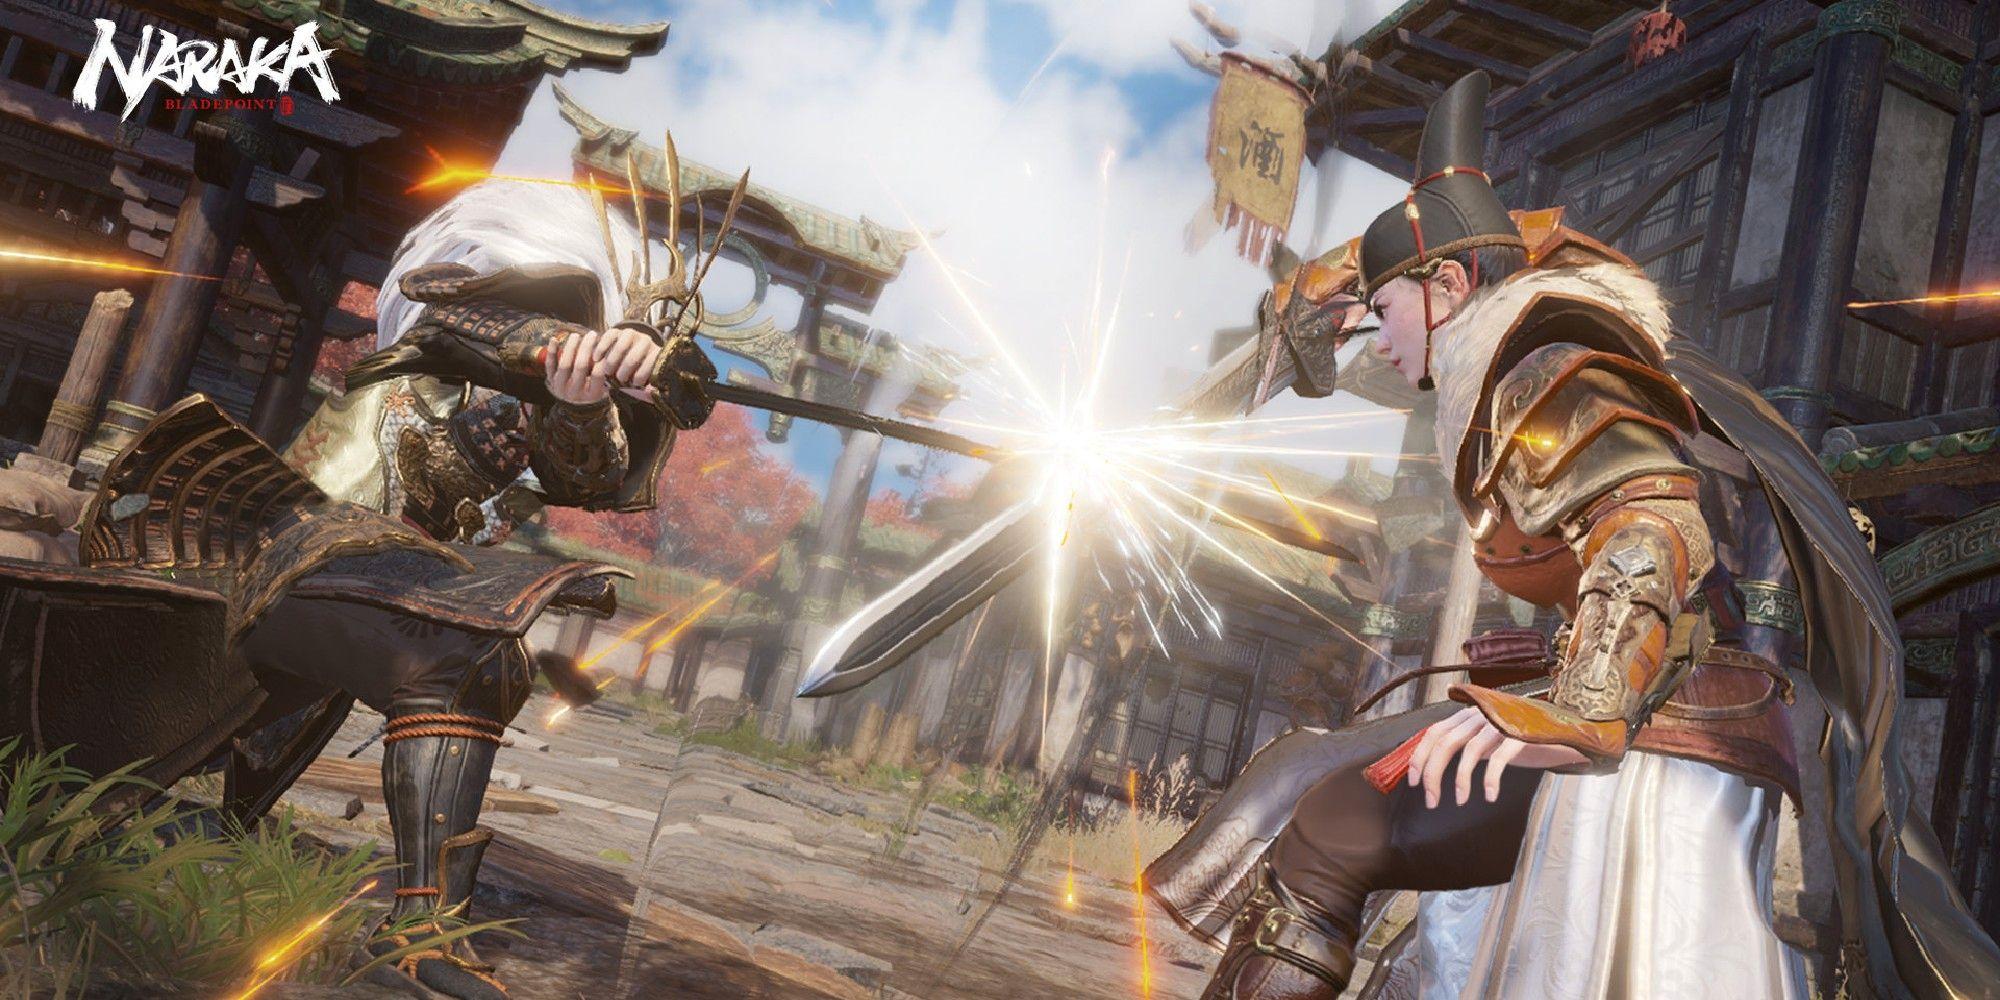 ¿Qué arma cuerpo a cuerpo es mejor en Naraka: Bladepoint?